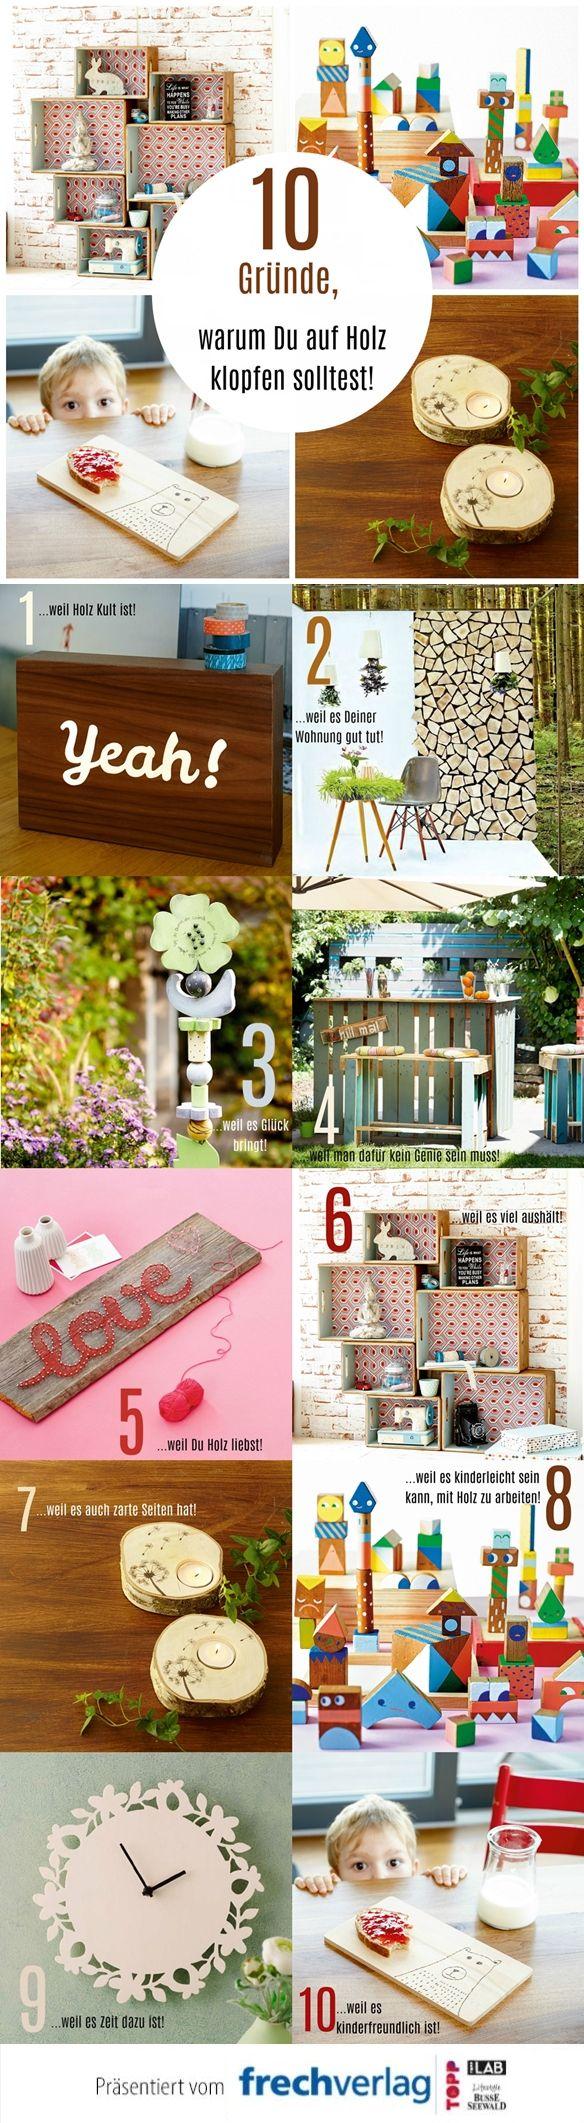 Holz ist das Trendmaterial 2016! Du hast noch nie mit Holz gearbeitet? Dann wird es aber mal Zeit! Wir liefern Dir 10 Gründe, warum Du unbedingt einmal ein DIY-Projekt mit Holz ausprobieren solltest! Noch mehr tolle Ideen findest Du unter www.topp-kreativ.de